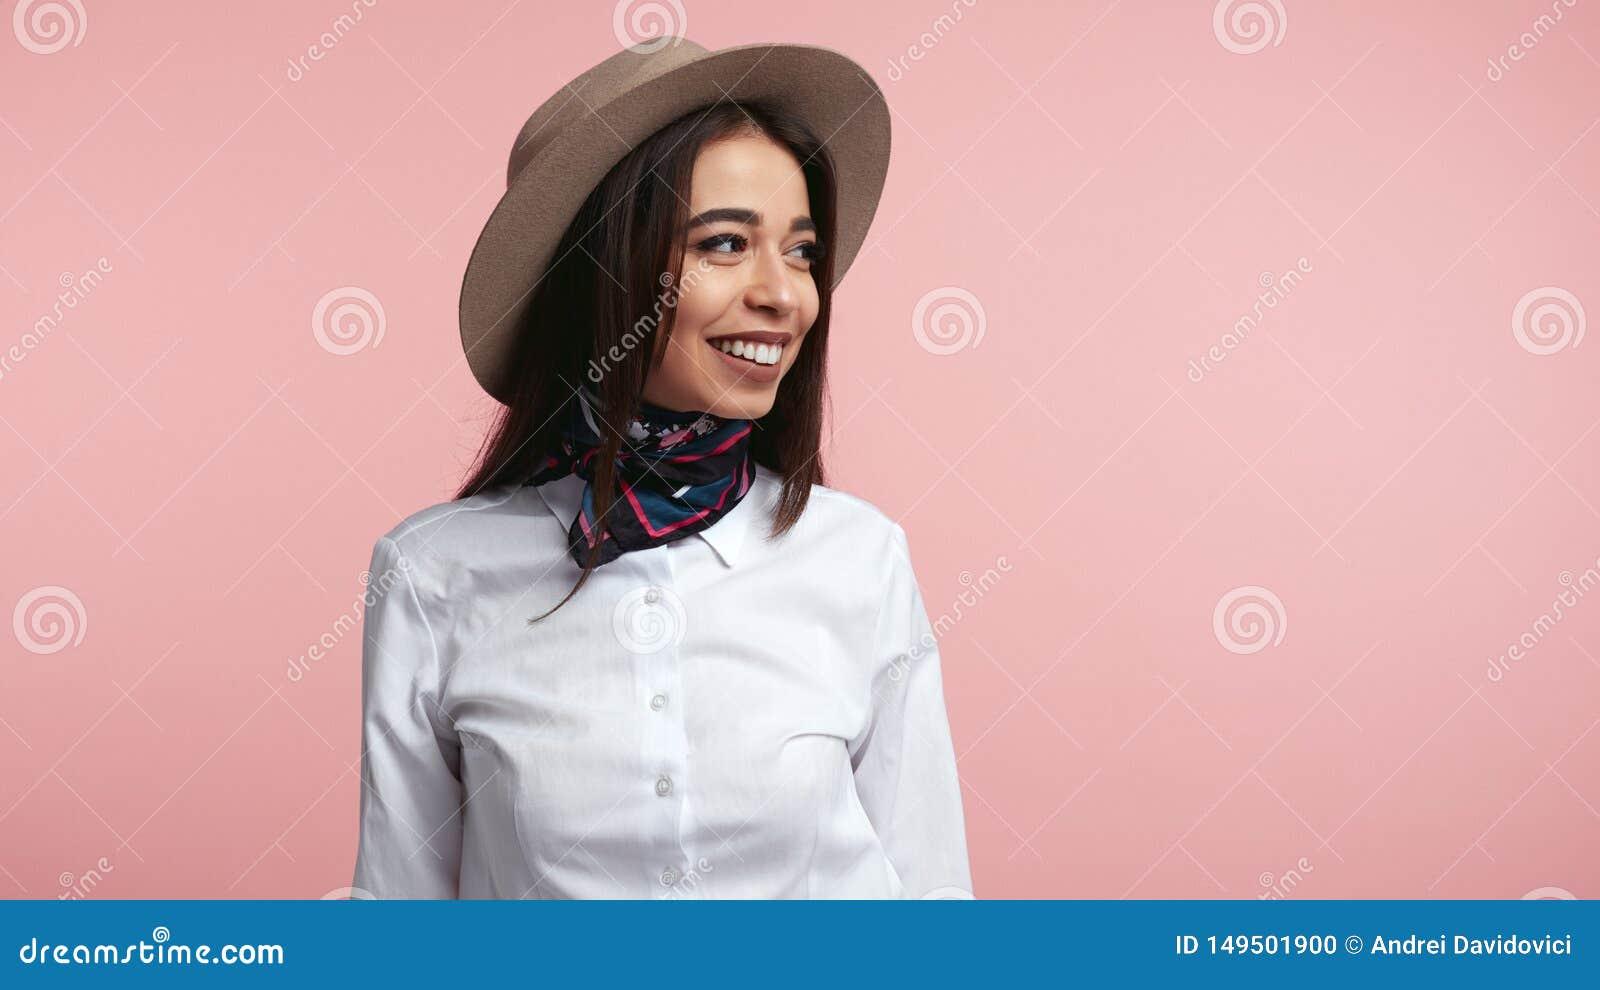 Stilvolles junges M?dchen, lacht gl?cklich, dr?ckt aufrichtige Gef?hle, tragendes wei?es Hemd und Hut, ?ber Rosa aus